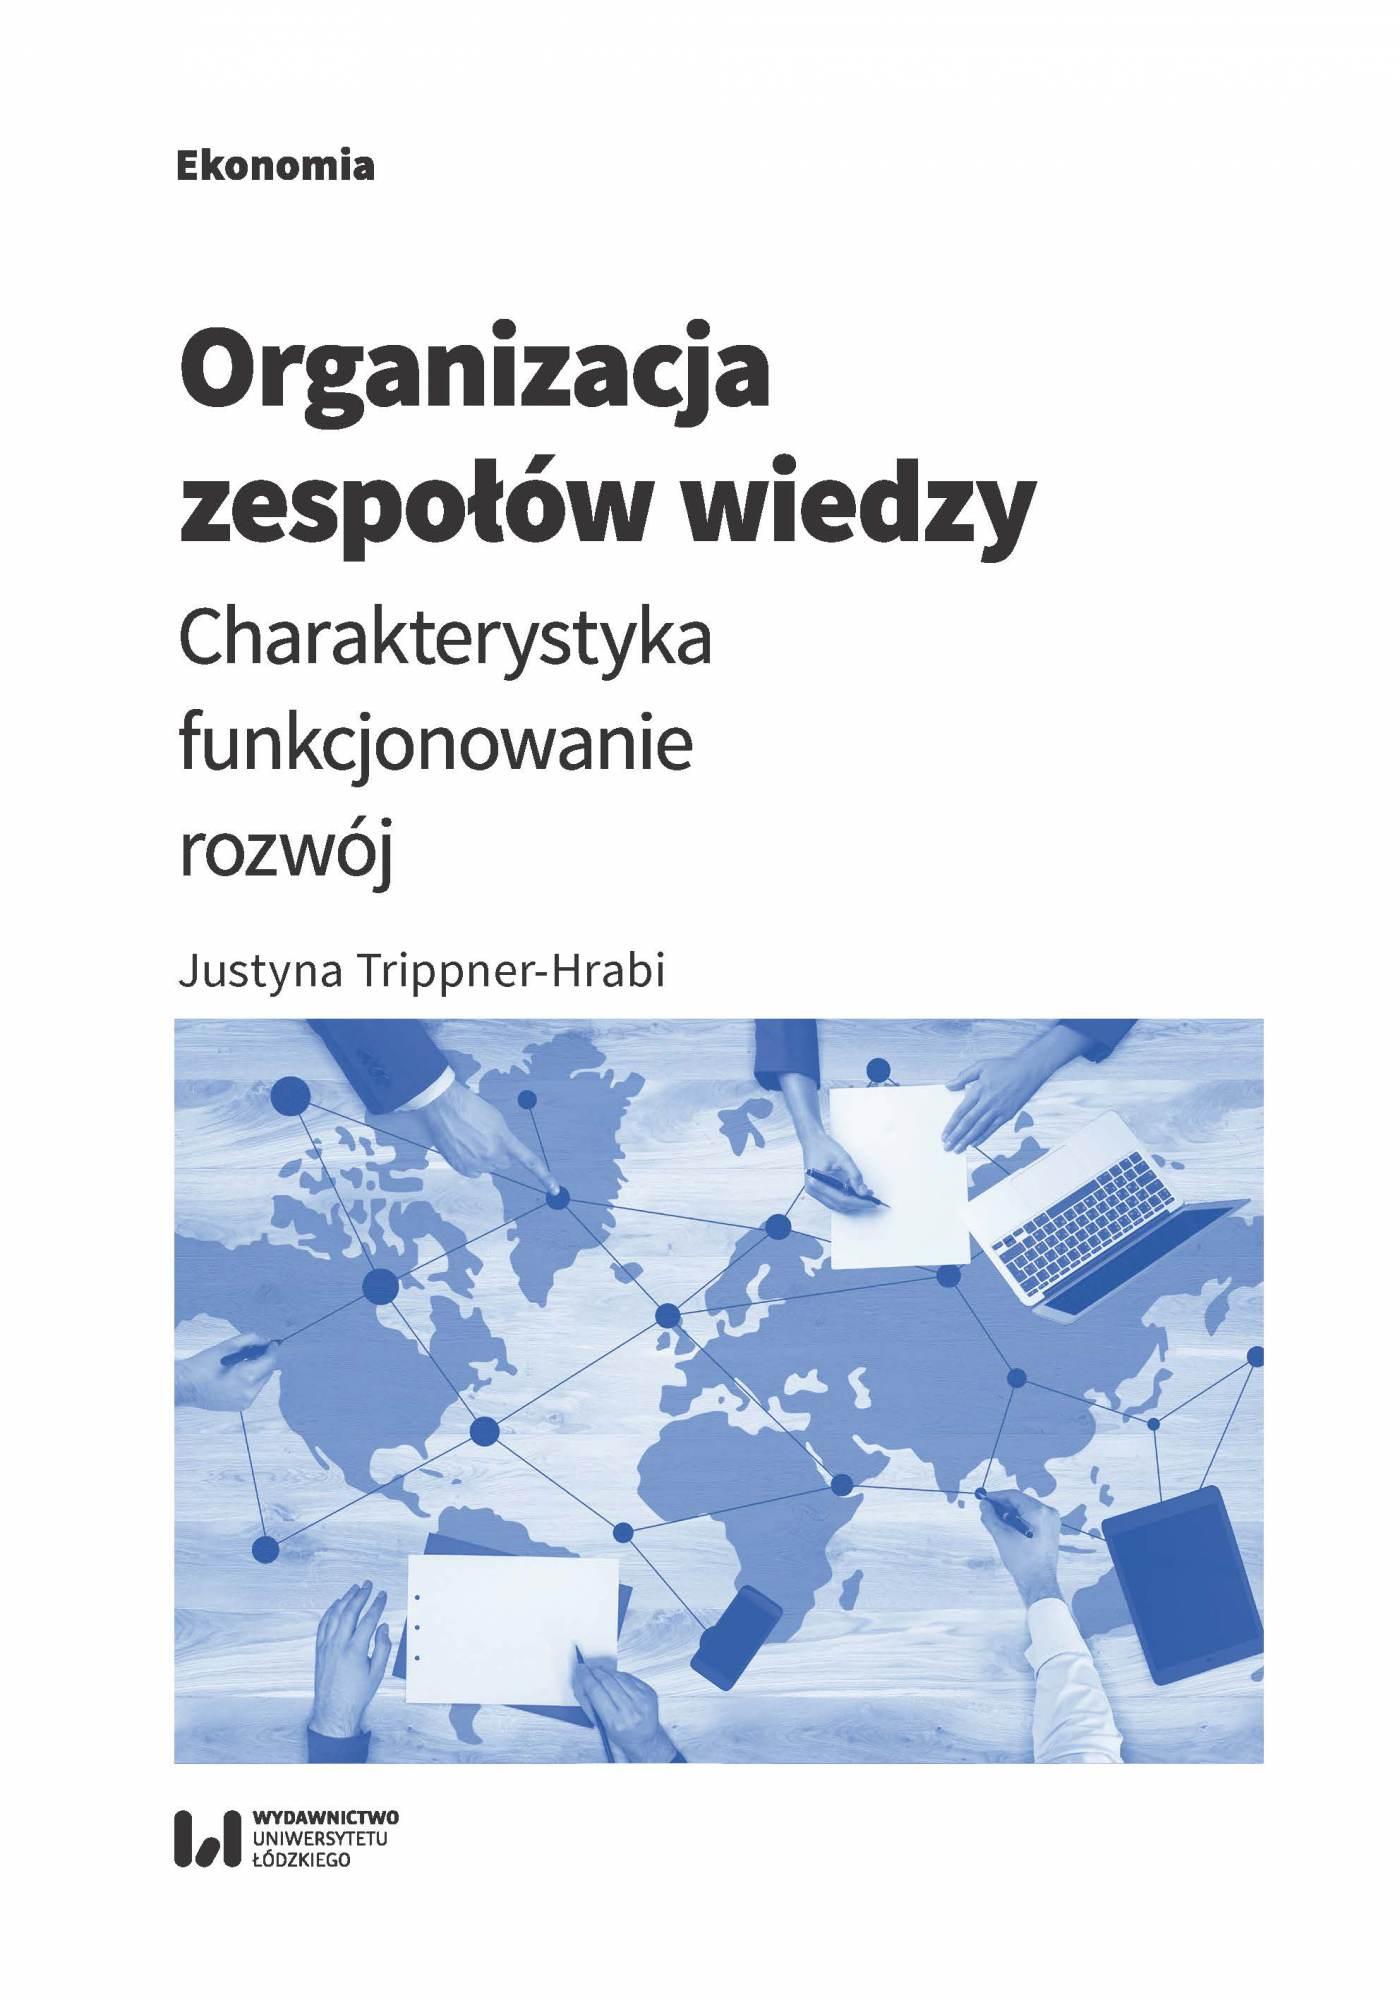 Organizacja zespołów wiedzy. Charakterystyka, funkcjonowanie, rozwój - Ebook (Książka PDF) do pobrania w formacie PDF